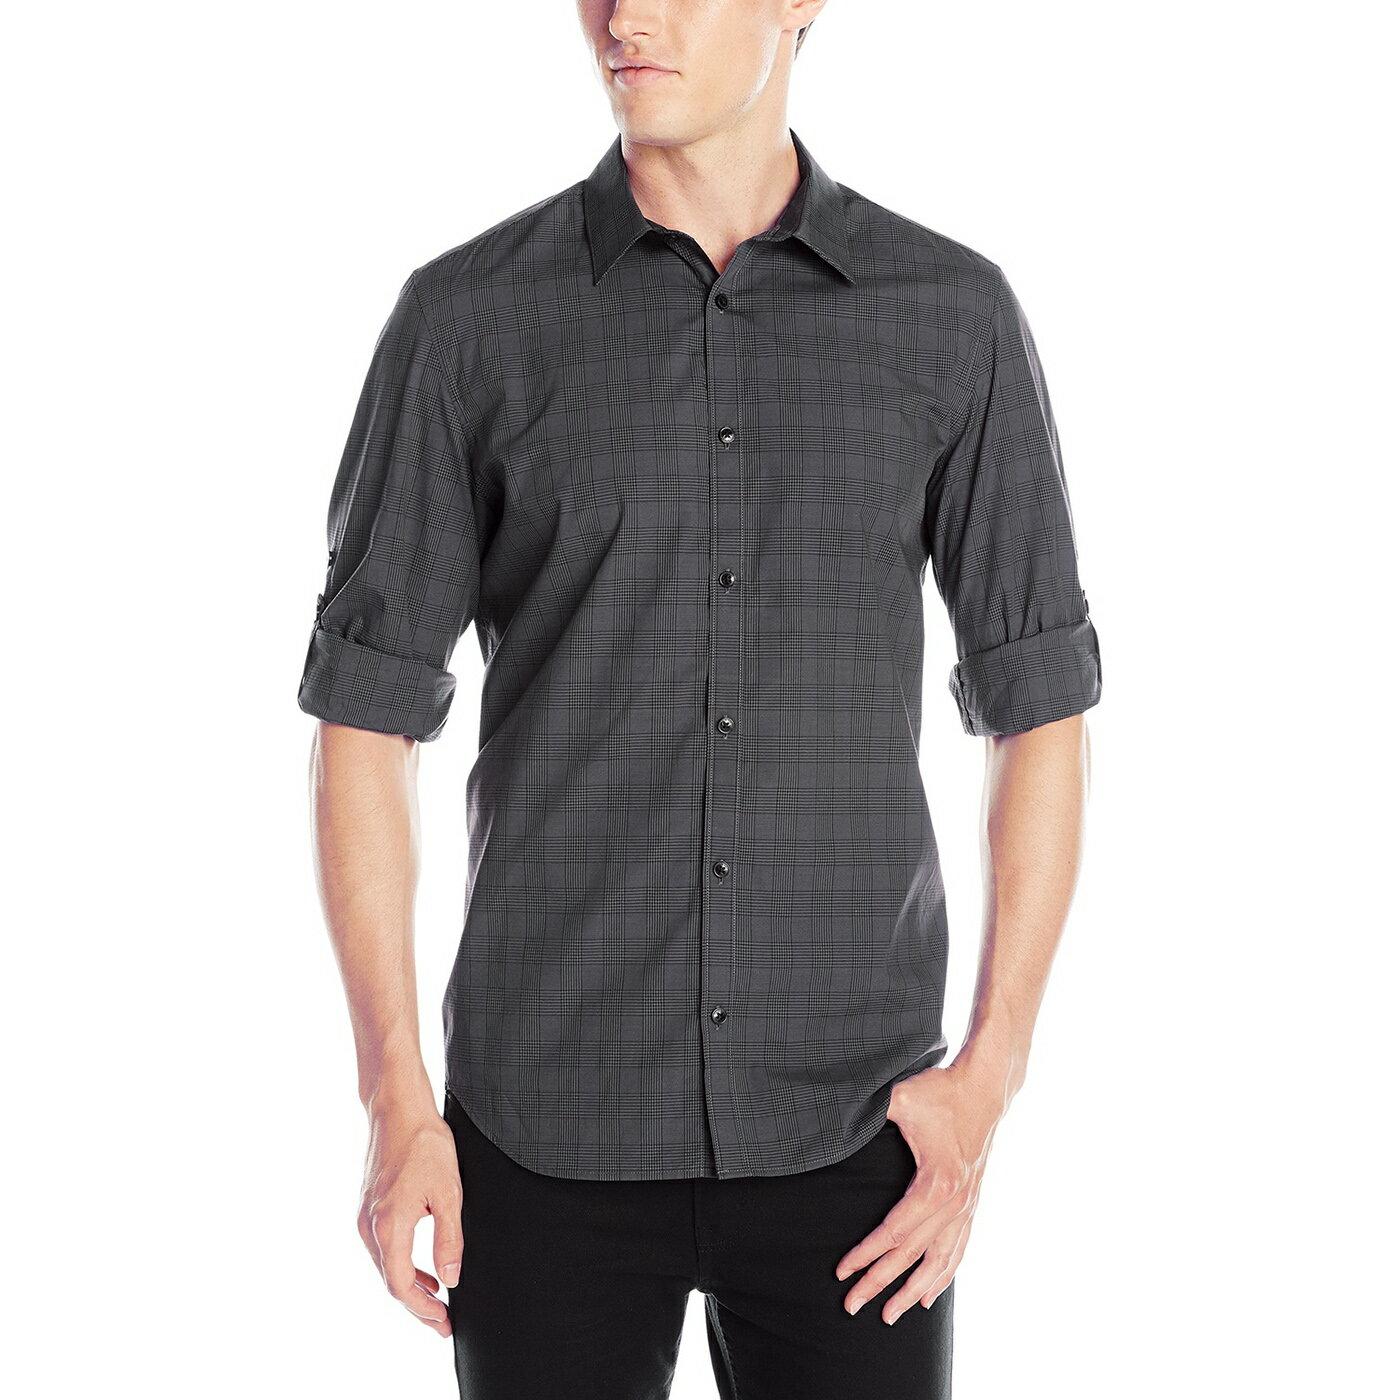 美國百分百【全新真品】Calvin Klein 襯衫 CK 男 上班 長袖 上衣 商務 休閒 格紋 灰黑 S號 G127